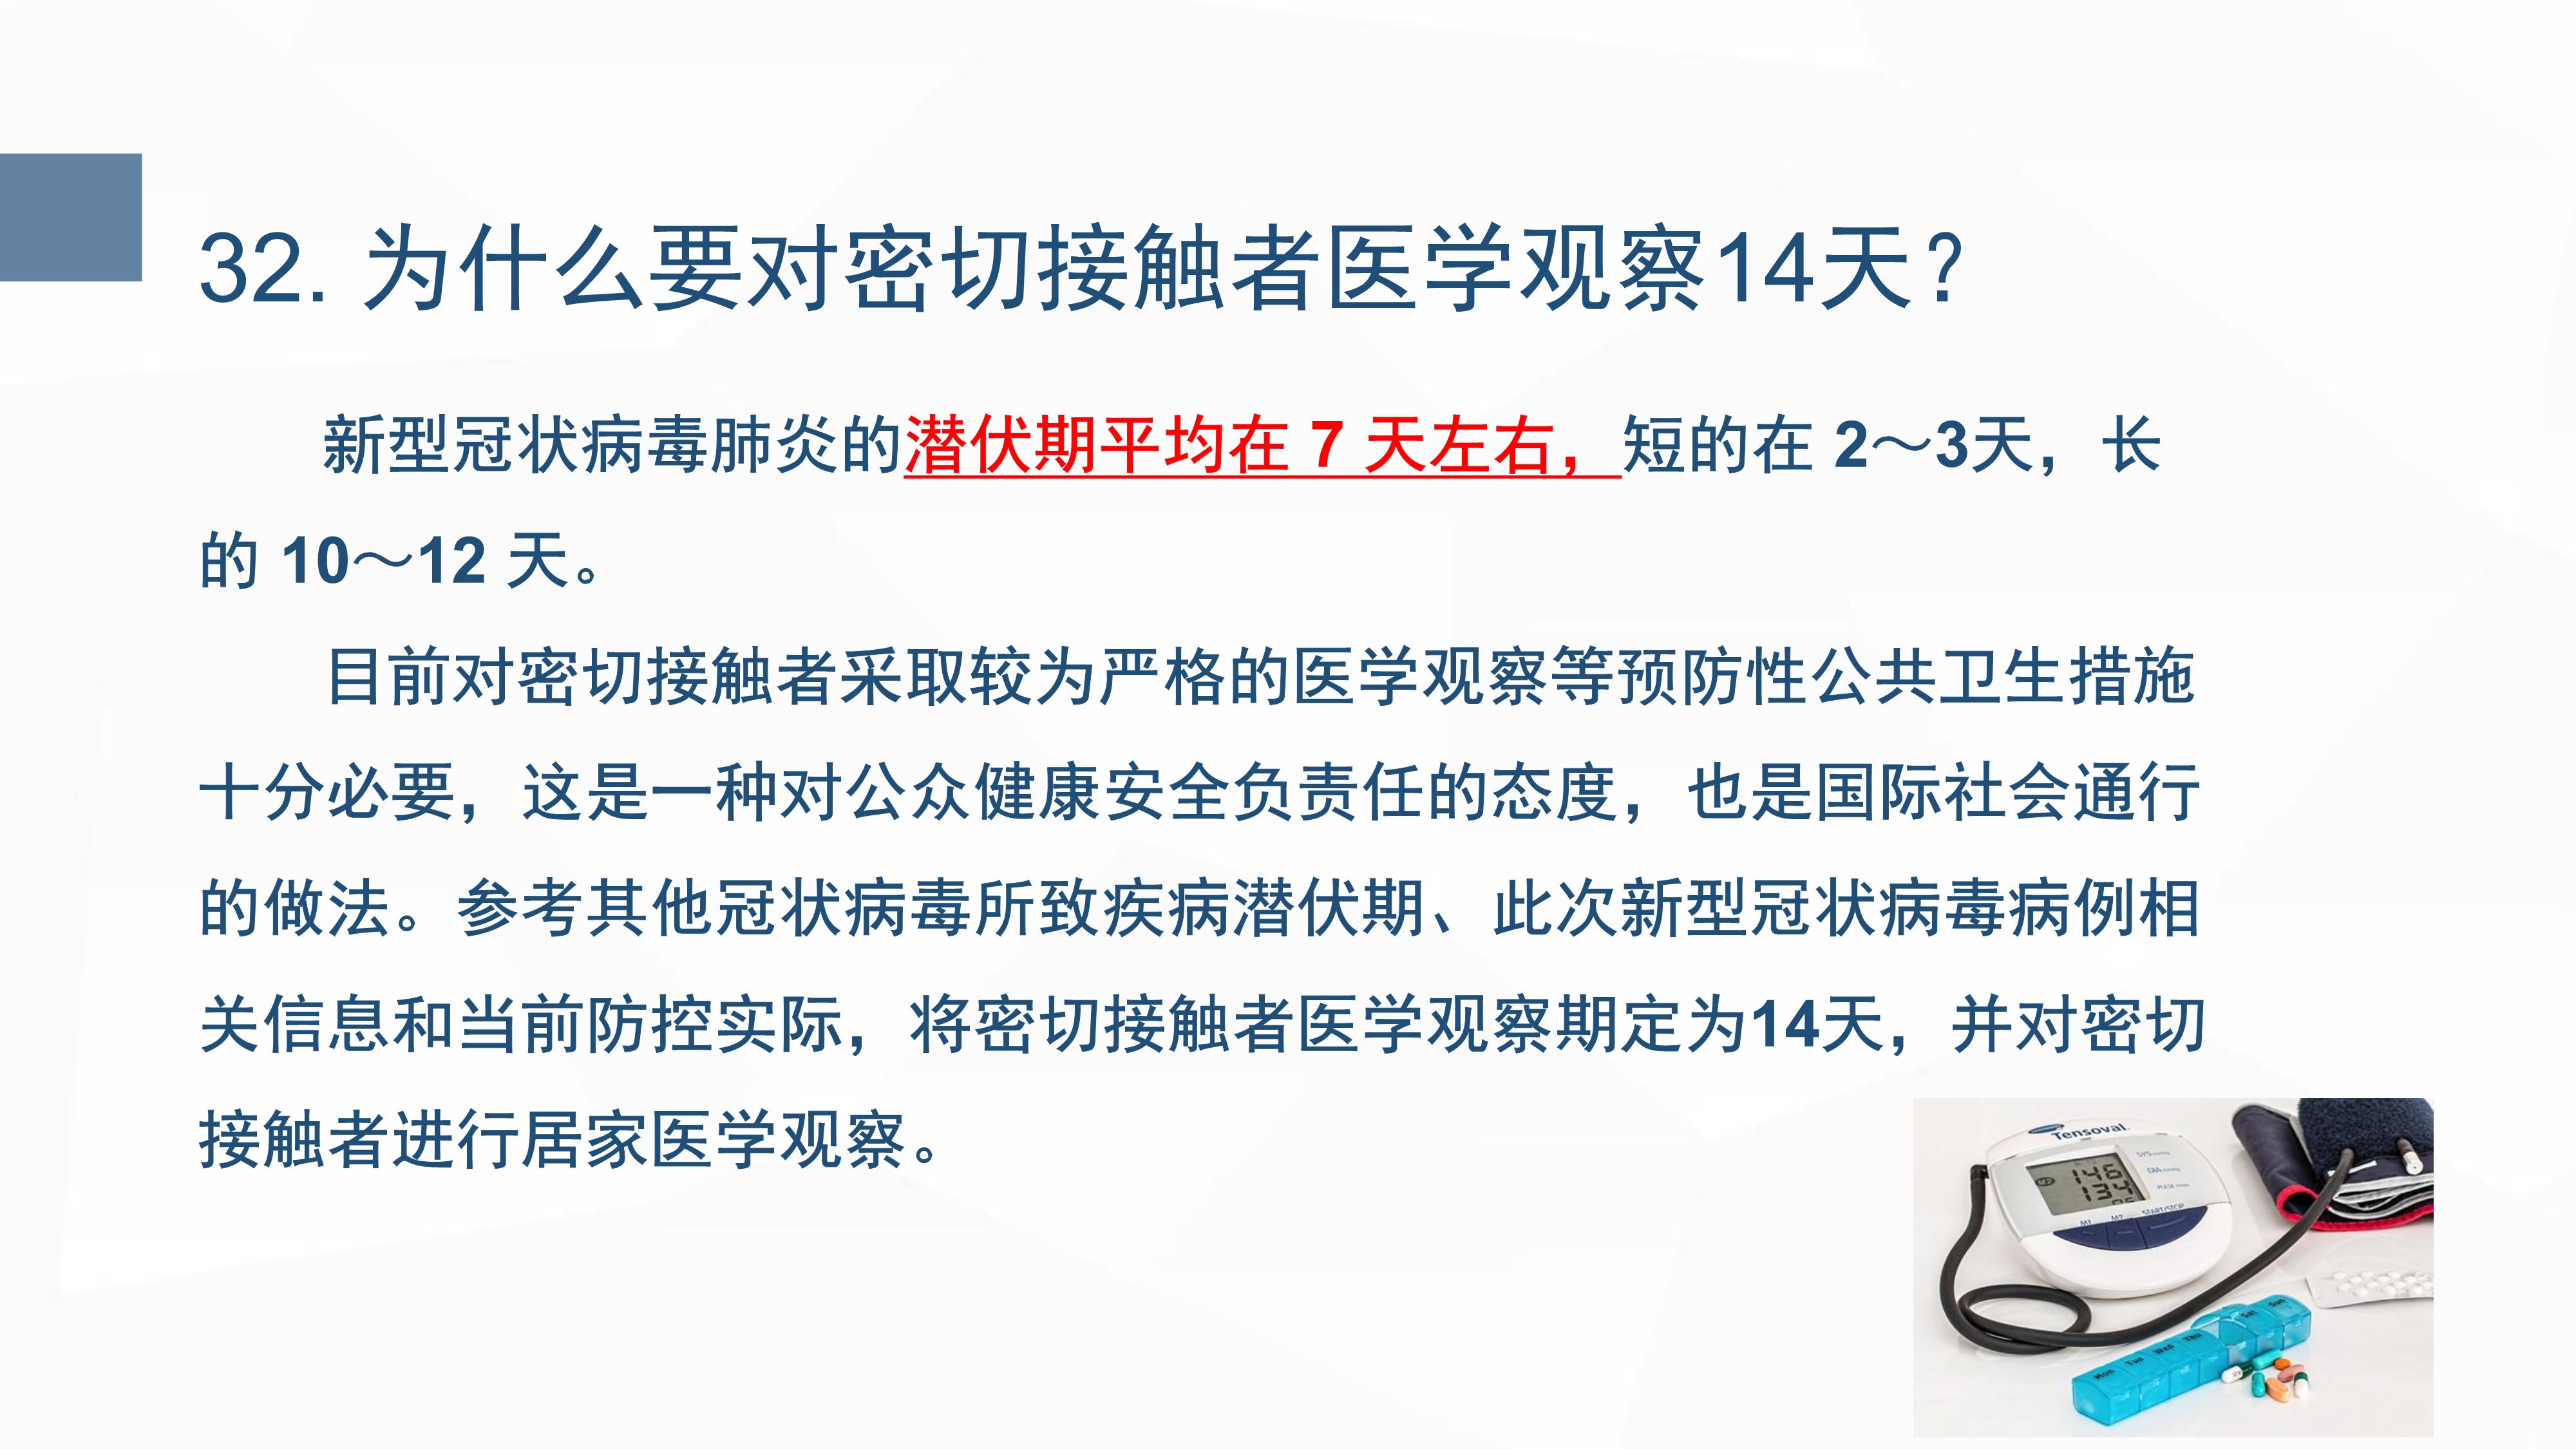 新型冠状病毒肺炎预防手册_39